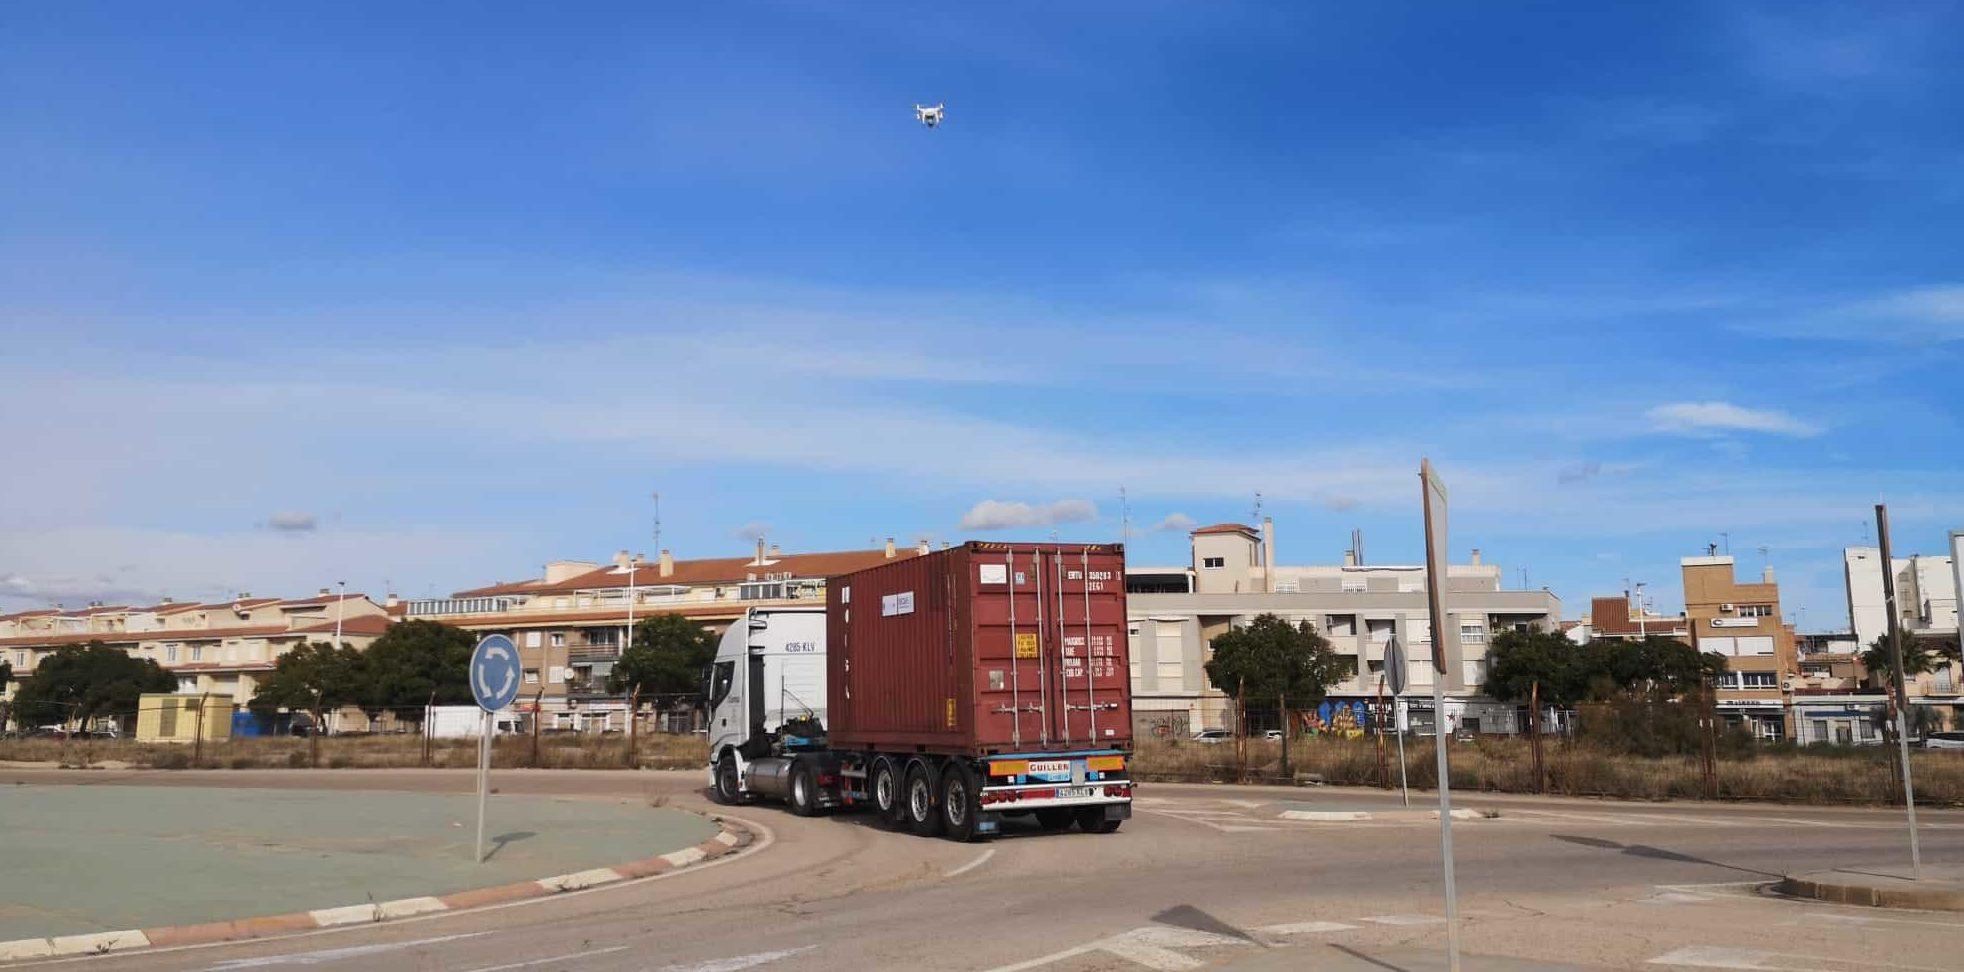 El proyecto de ciberseguridad SAURON realiza una prueba de demostración de drones en el puerto de Sagunto